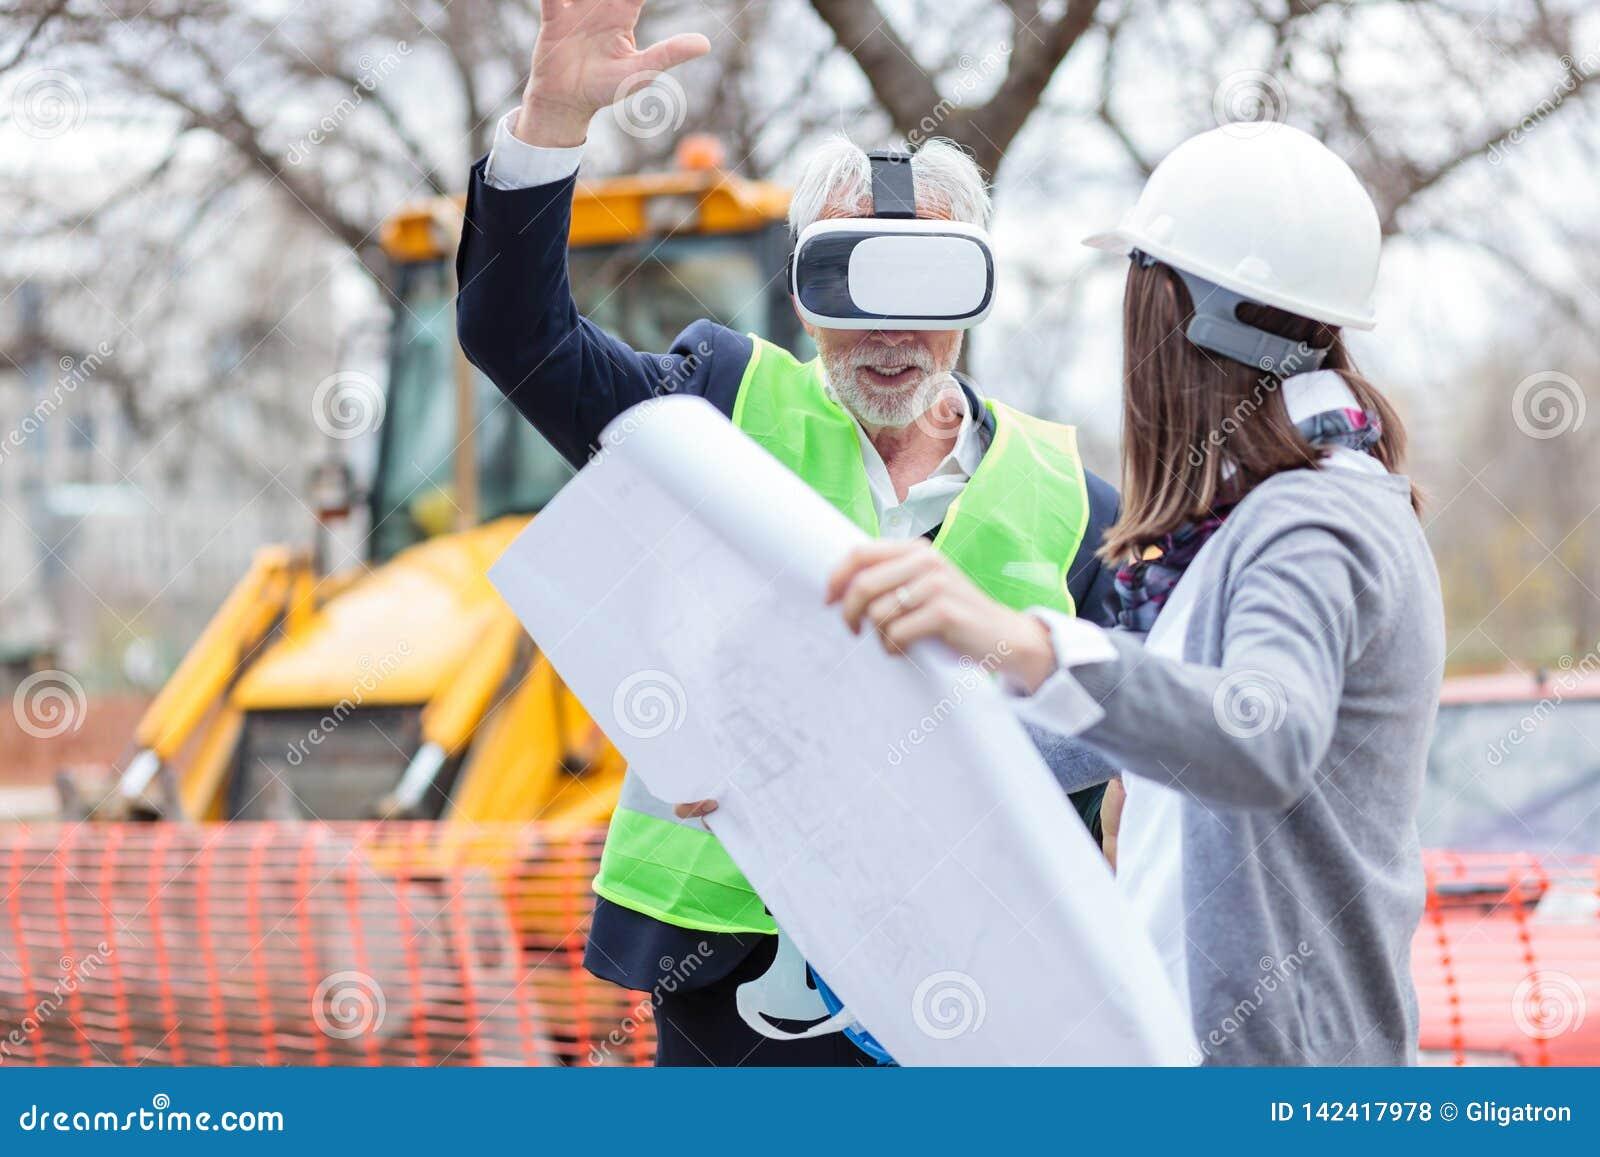 Ανώτερος αρχιτέκτονας ή επιχειρηματίας που χρησιμοποιεί τα προστατευτικά δίοπτρα εικονικής πραγματικότητας σε ένα εργοτάξιο οικοδ